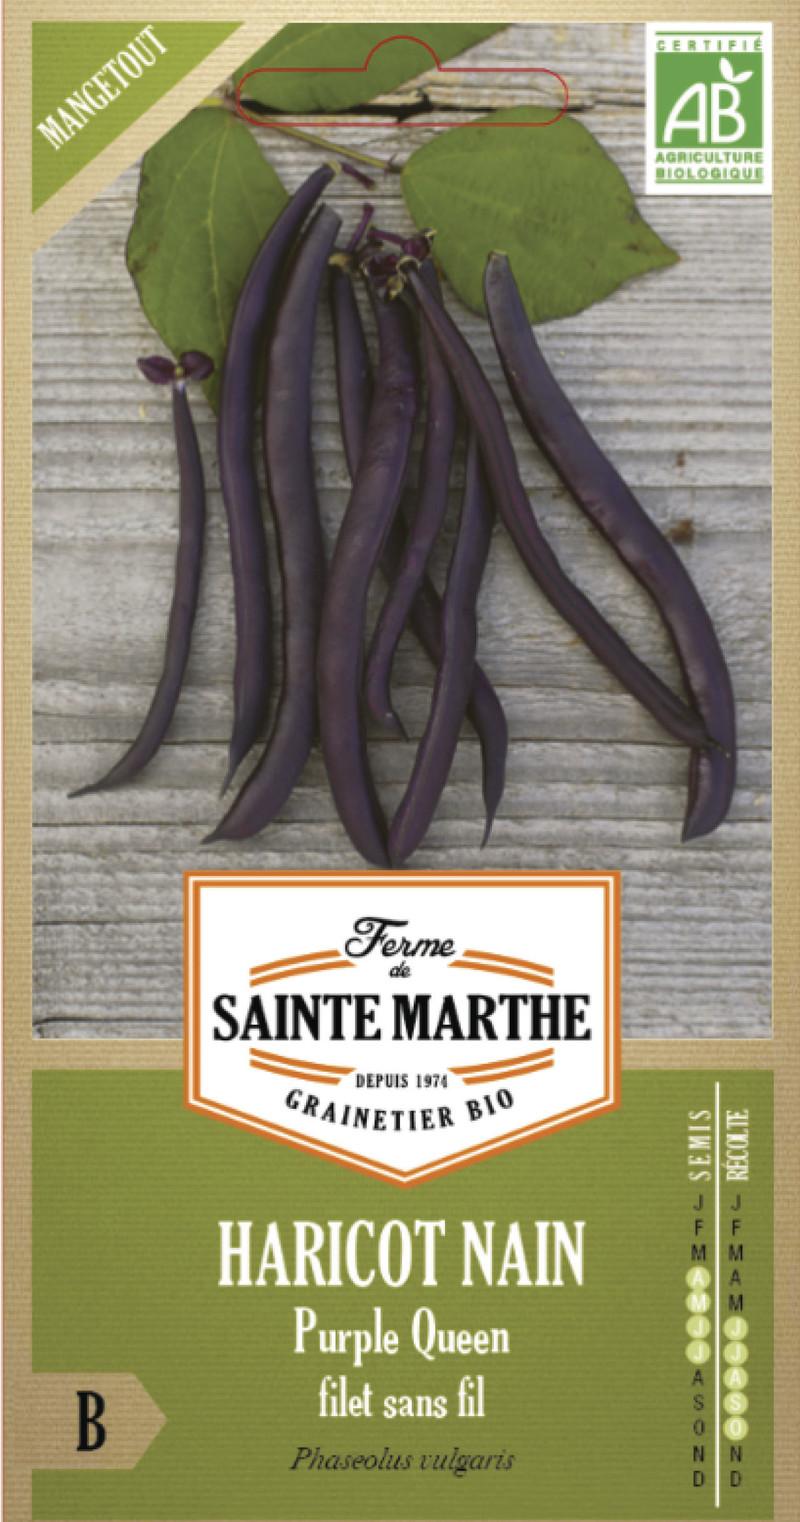 haricot purple queen nain violet mangetout bio ferme de sainte marthe graine semence potager boite - Voir en grand